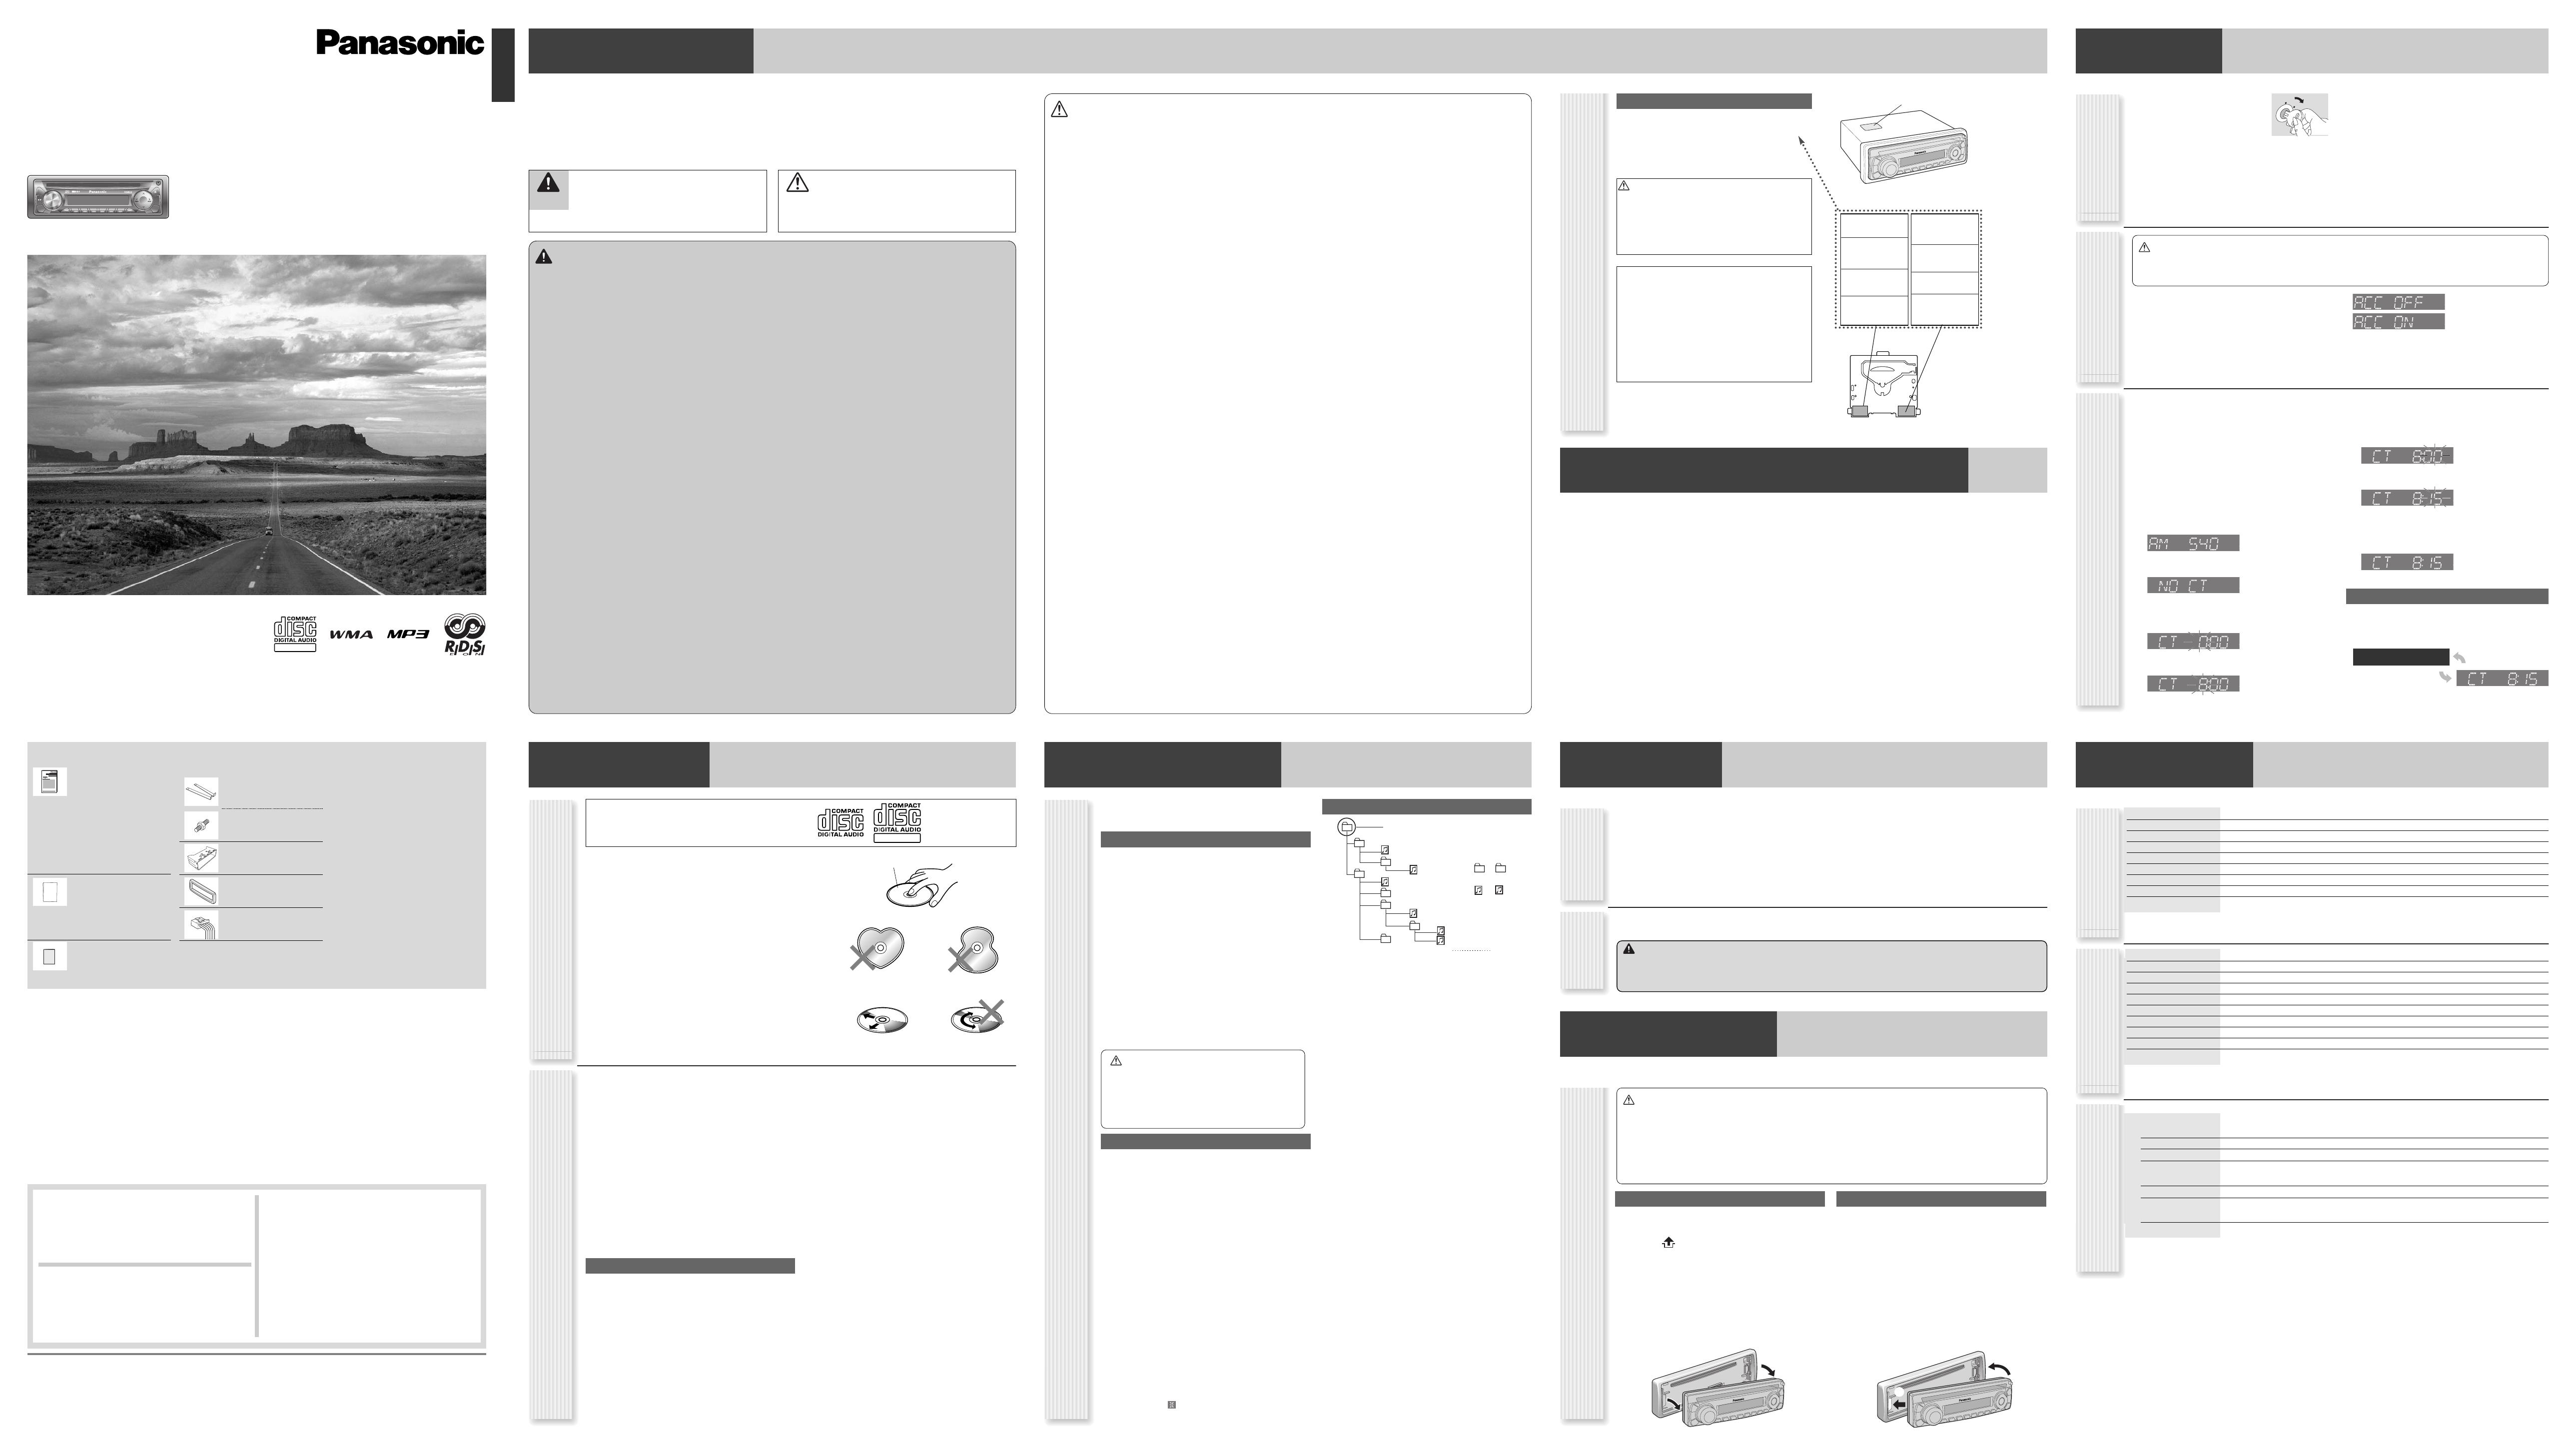 Handleiding Panasonic cq-c1312 (pagina 2 van 4) (English)